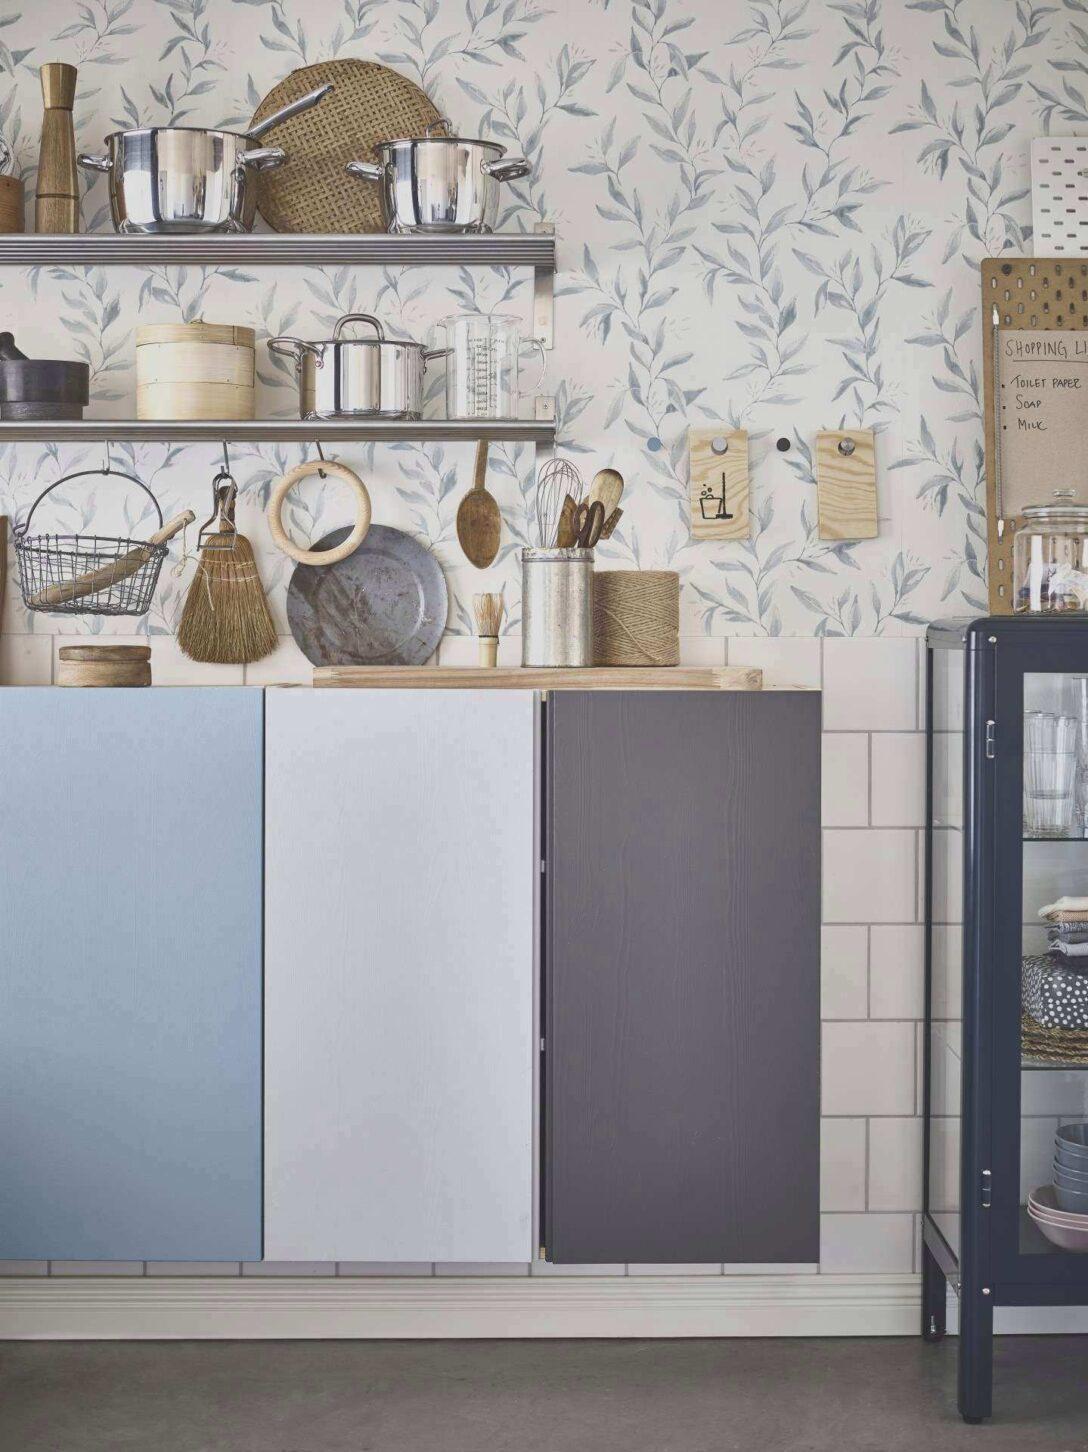 Large Size of Ikea Kche 100 Euro 22 Schnes Konzept Wei Holz Küche Kosten Chesterfield Sofa Gebraucht Gebrauchte Regale Einbauküche Fenster Kaufen Modulküche Betten Wohnzimmer Schrankküche Ikea Gebraucht